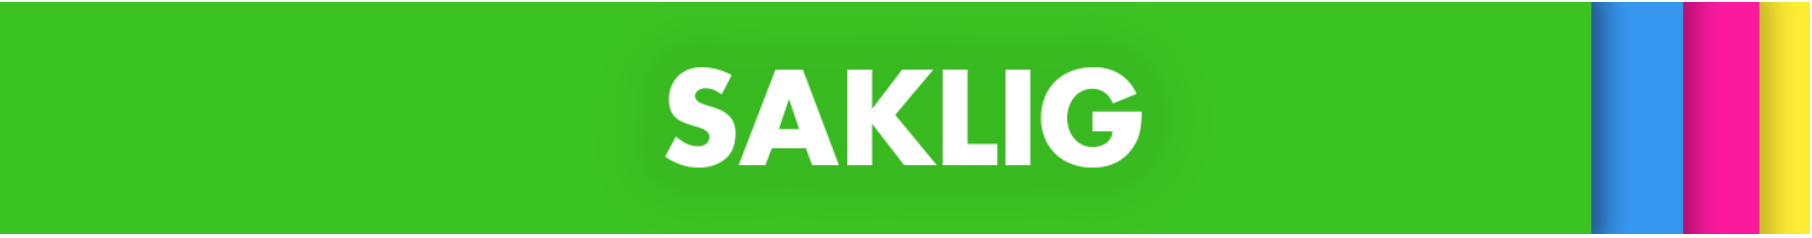 Skjermbilde 2019-04-28 kl. 22.05.48.png